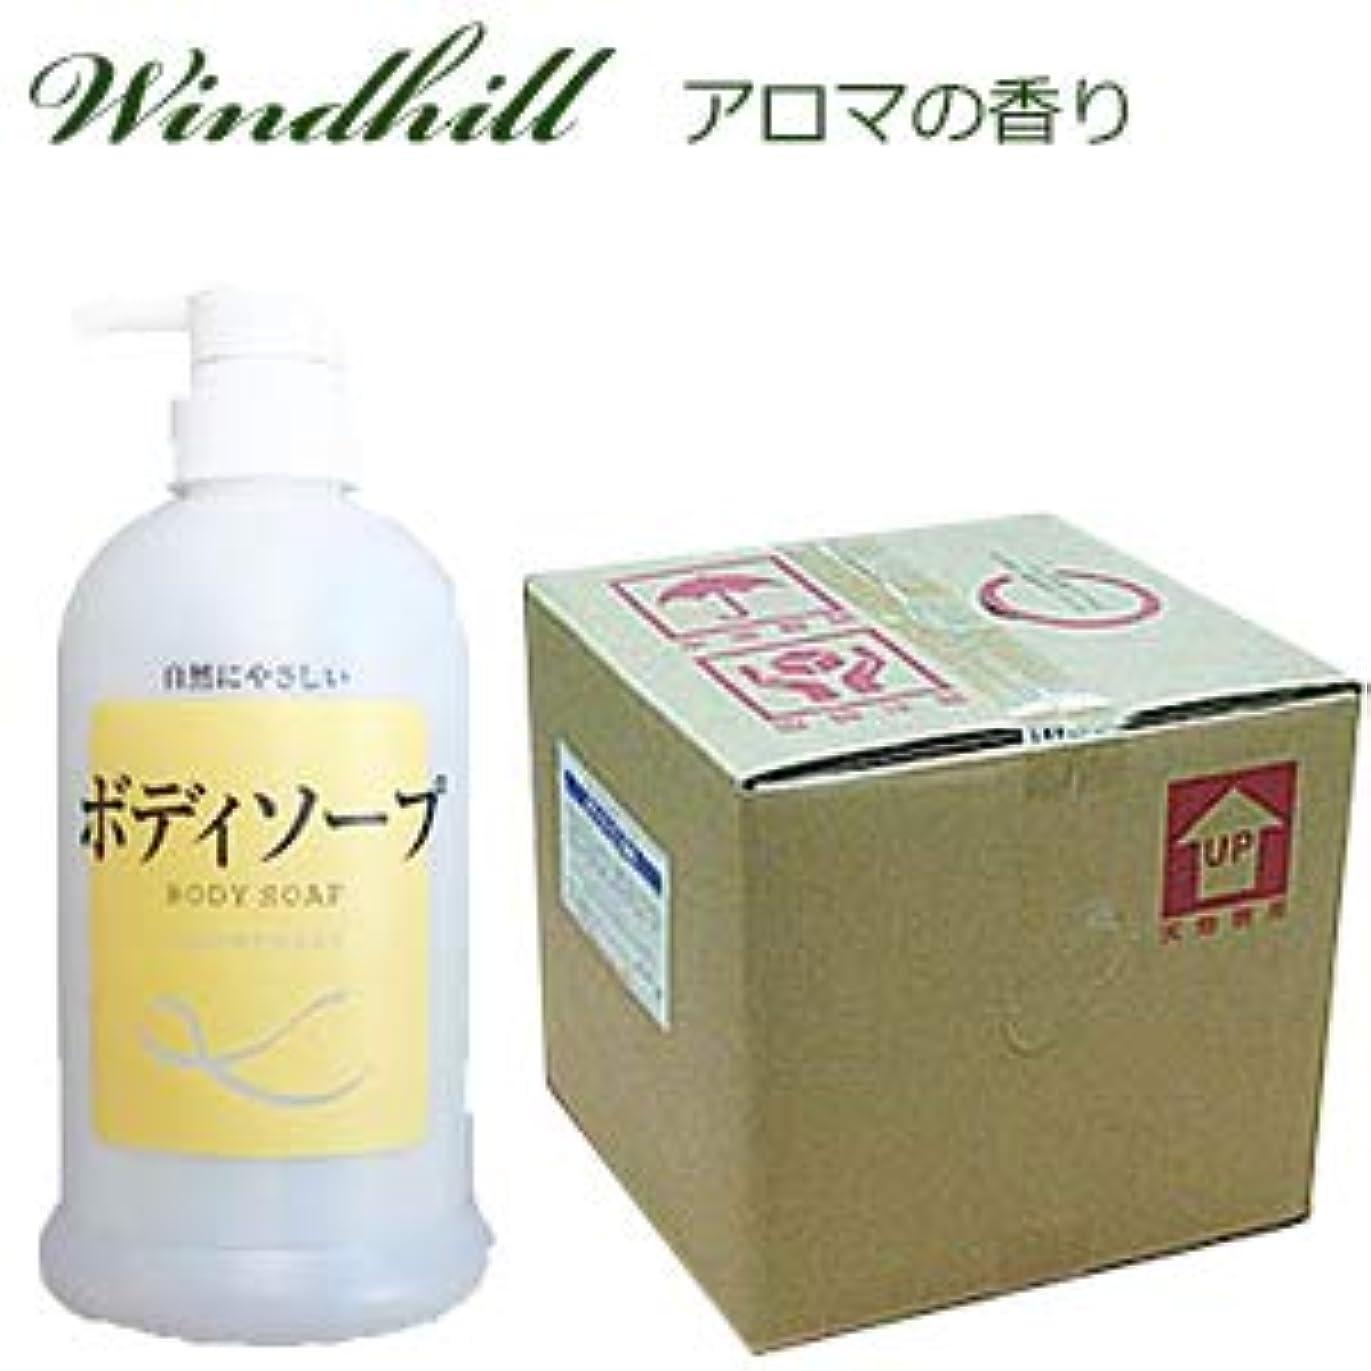 モスク馬鹿げた軽なんと! 500ml当り188円 Windhill 植物性業務用 ボディソープ  紅茶を思うアロマの香り 20L